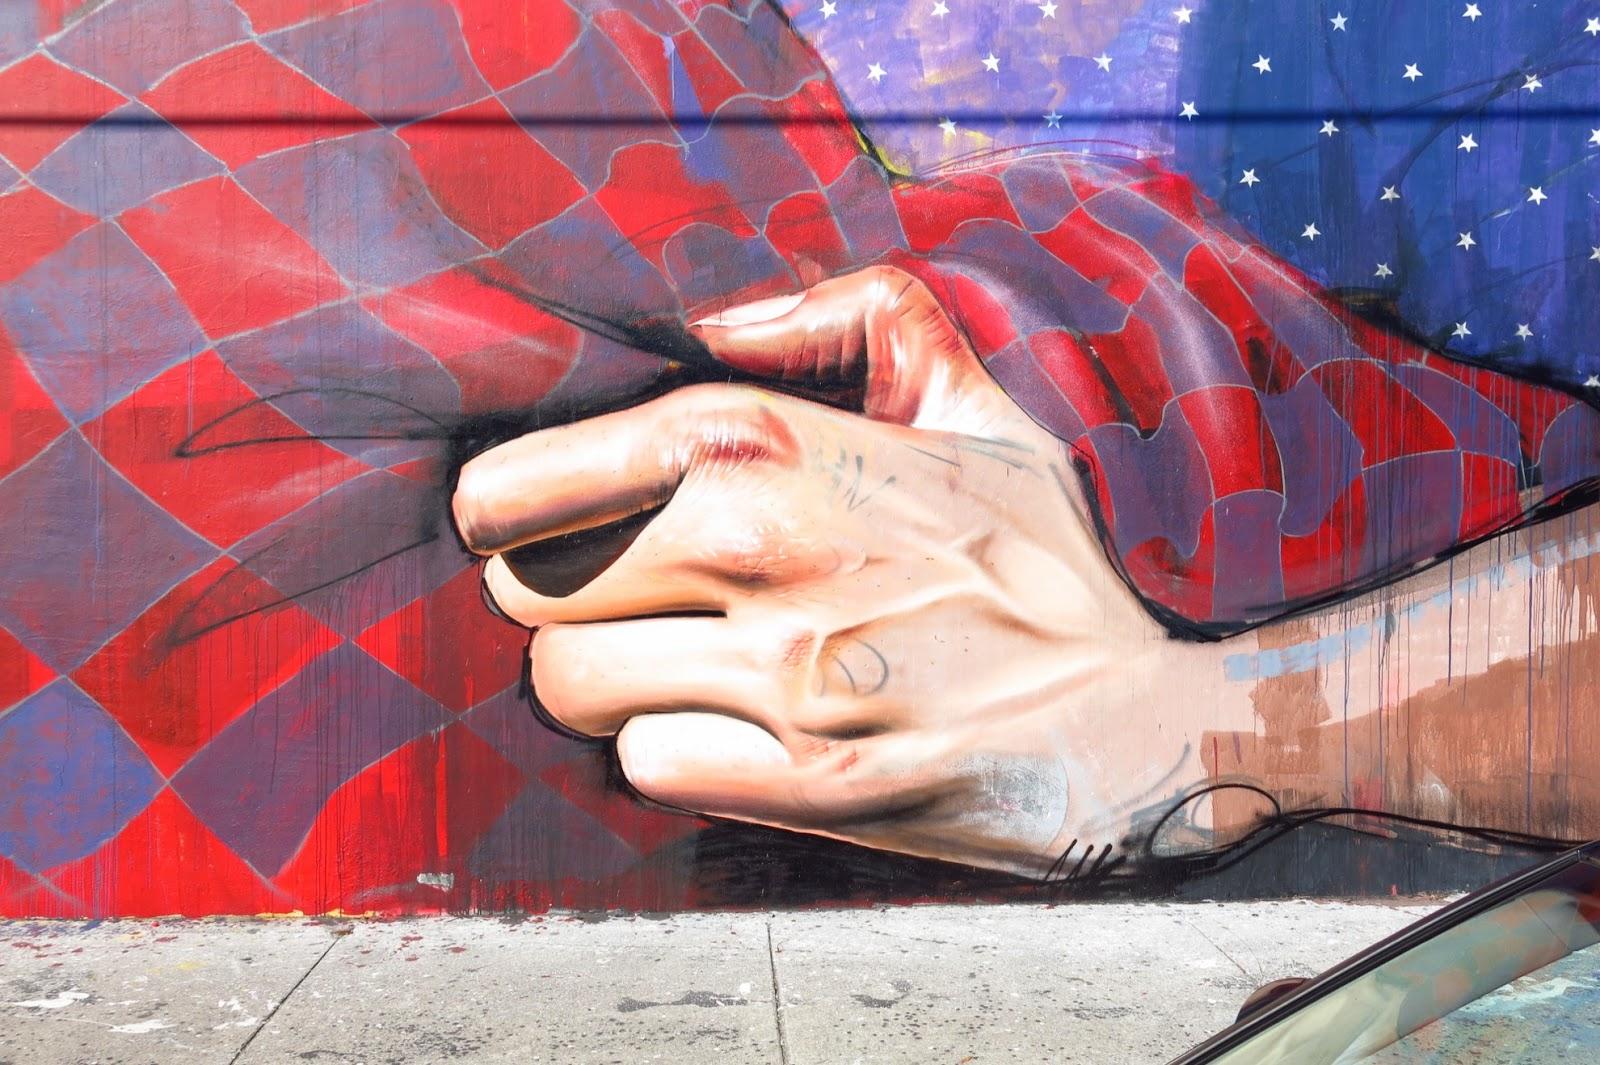 herakut-new-mural-at-art-basel-2014-04